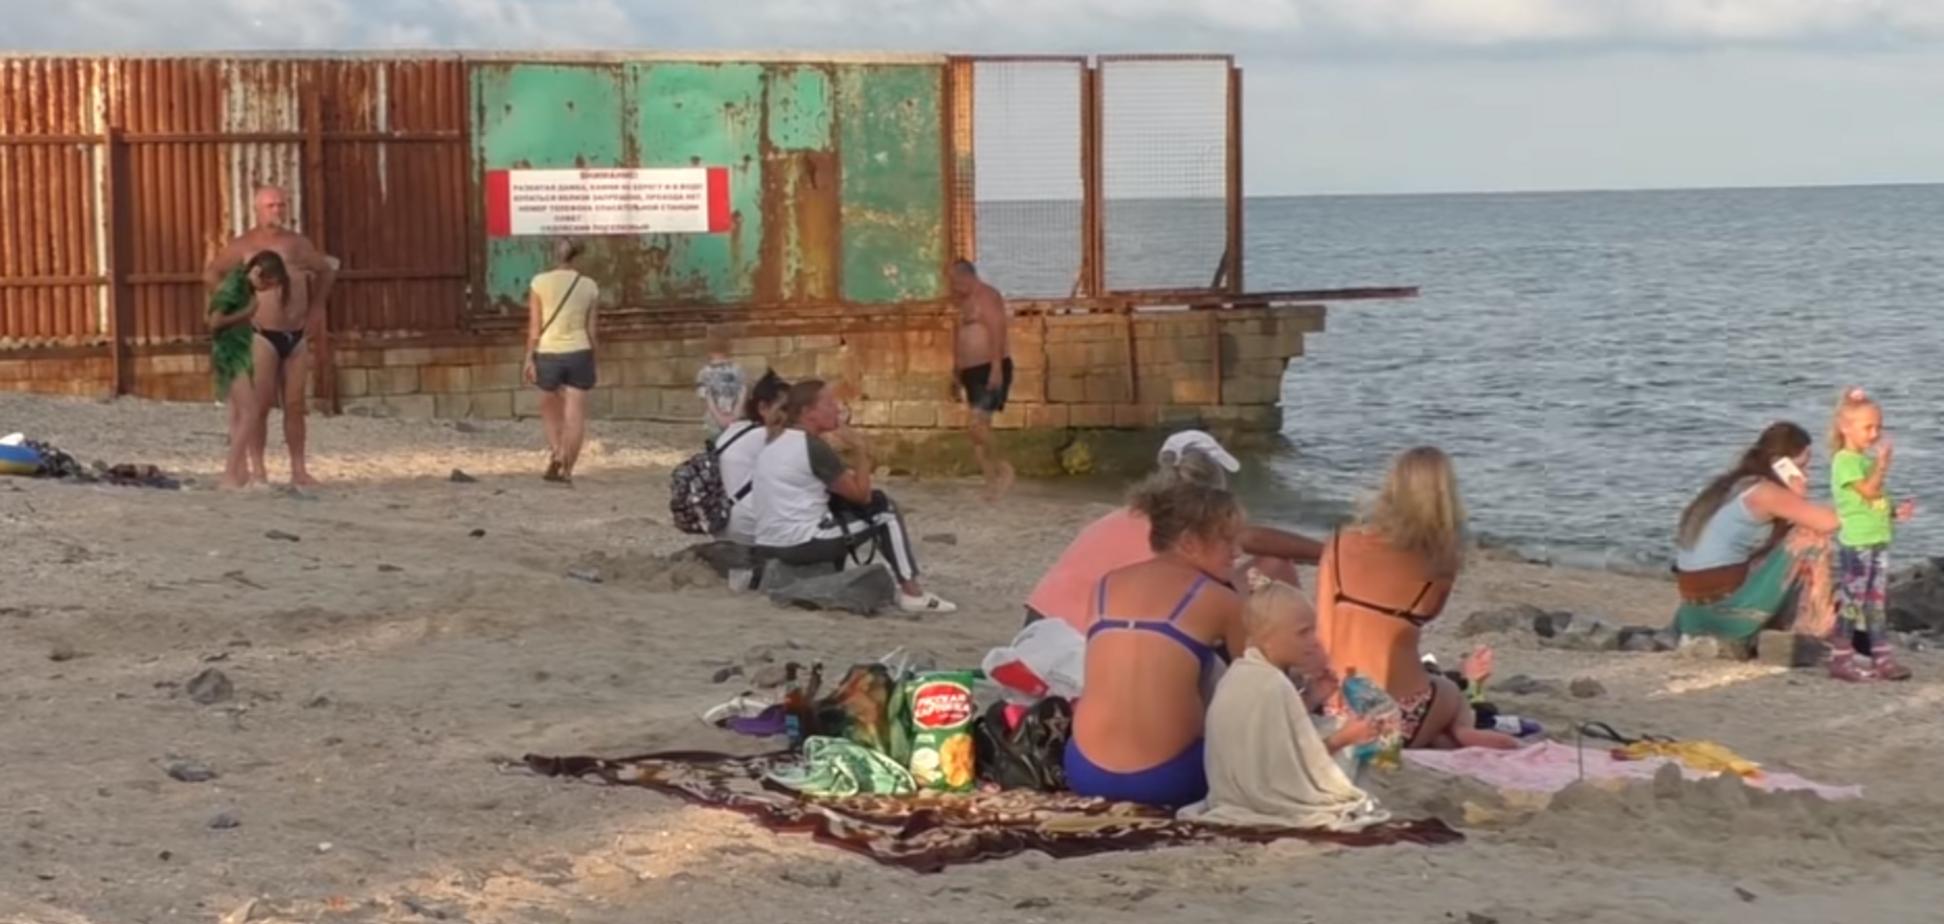 'В 10 вечера домой': как отдыхают на единственном курорте в 'ДНР'